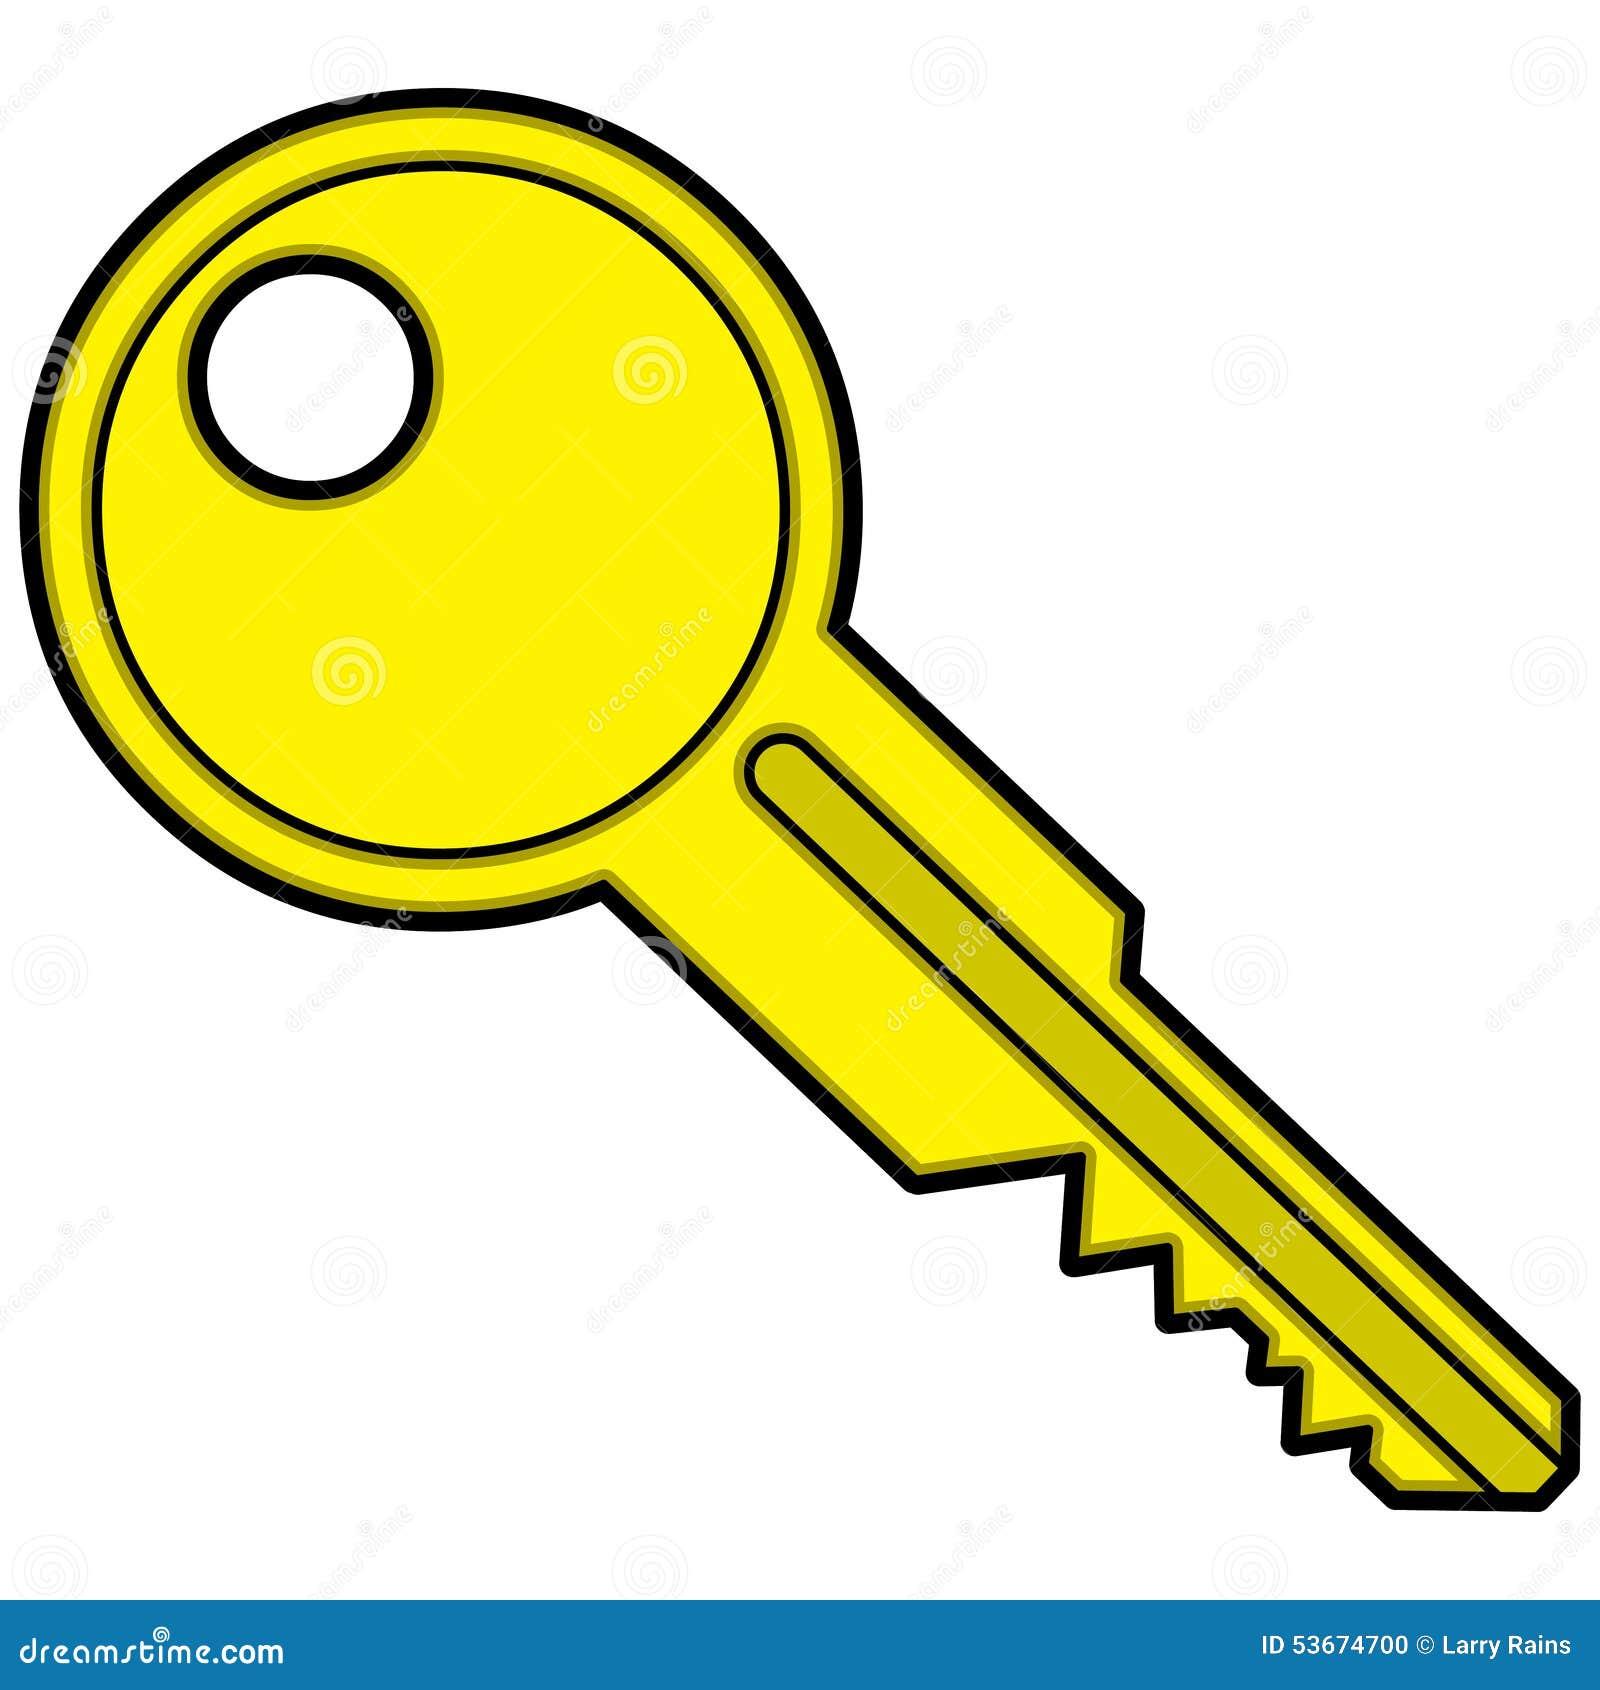 Boat Key stock vector. Illustration of locksmith, standard - 53674700